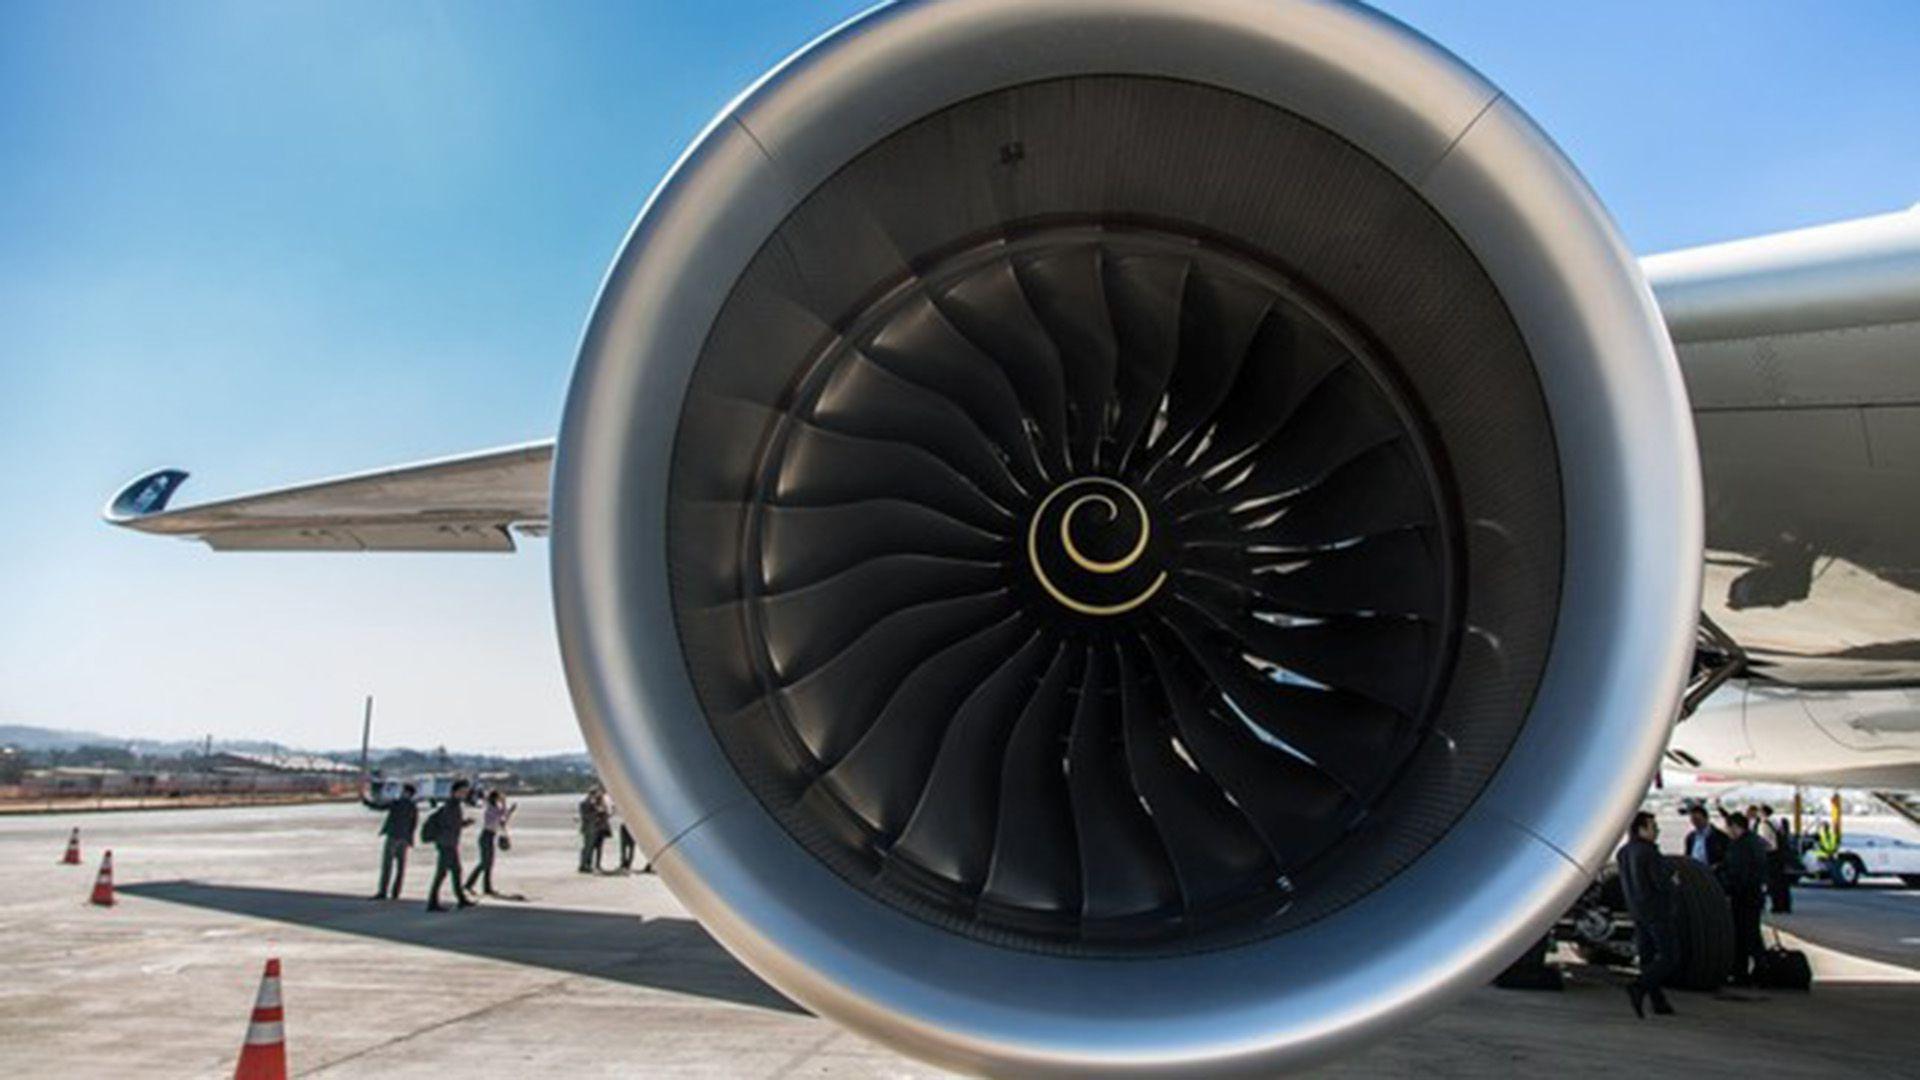 Cada motor cuenta con una turbina de gas que impulsa una hélice para mover el avión a través del aire mientras los gases de escape de la turbina fluyen hacia atrás